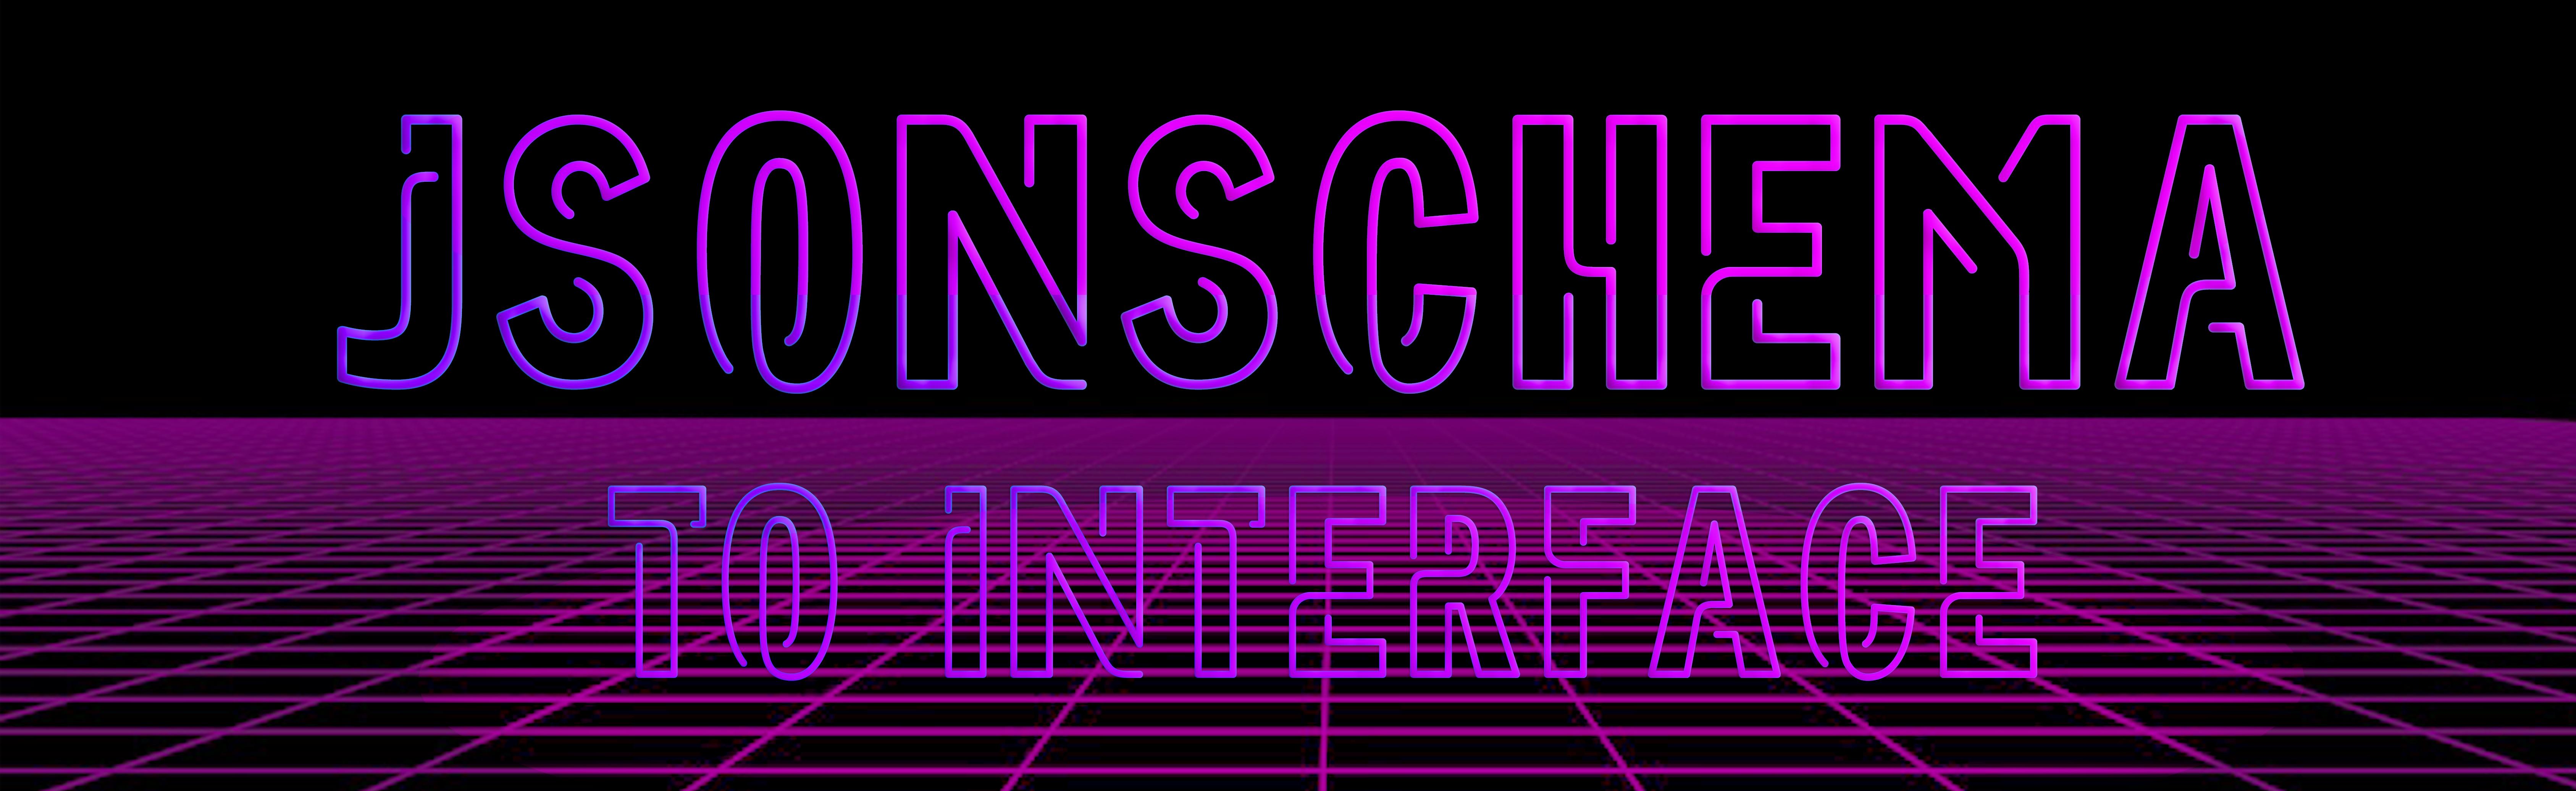 jsonschema-logo-v1